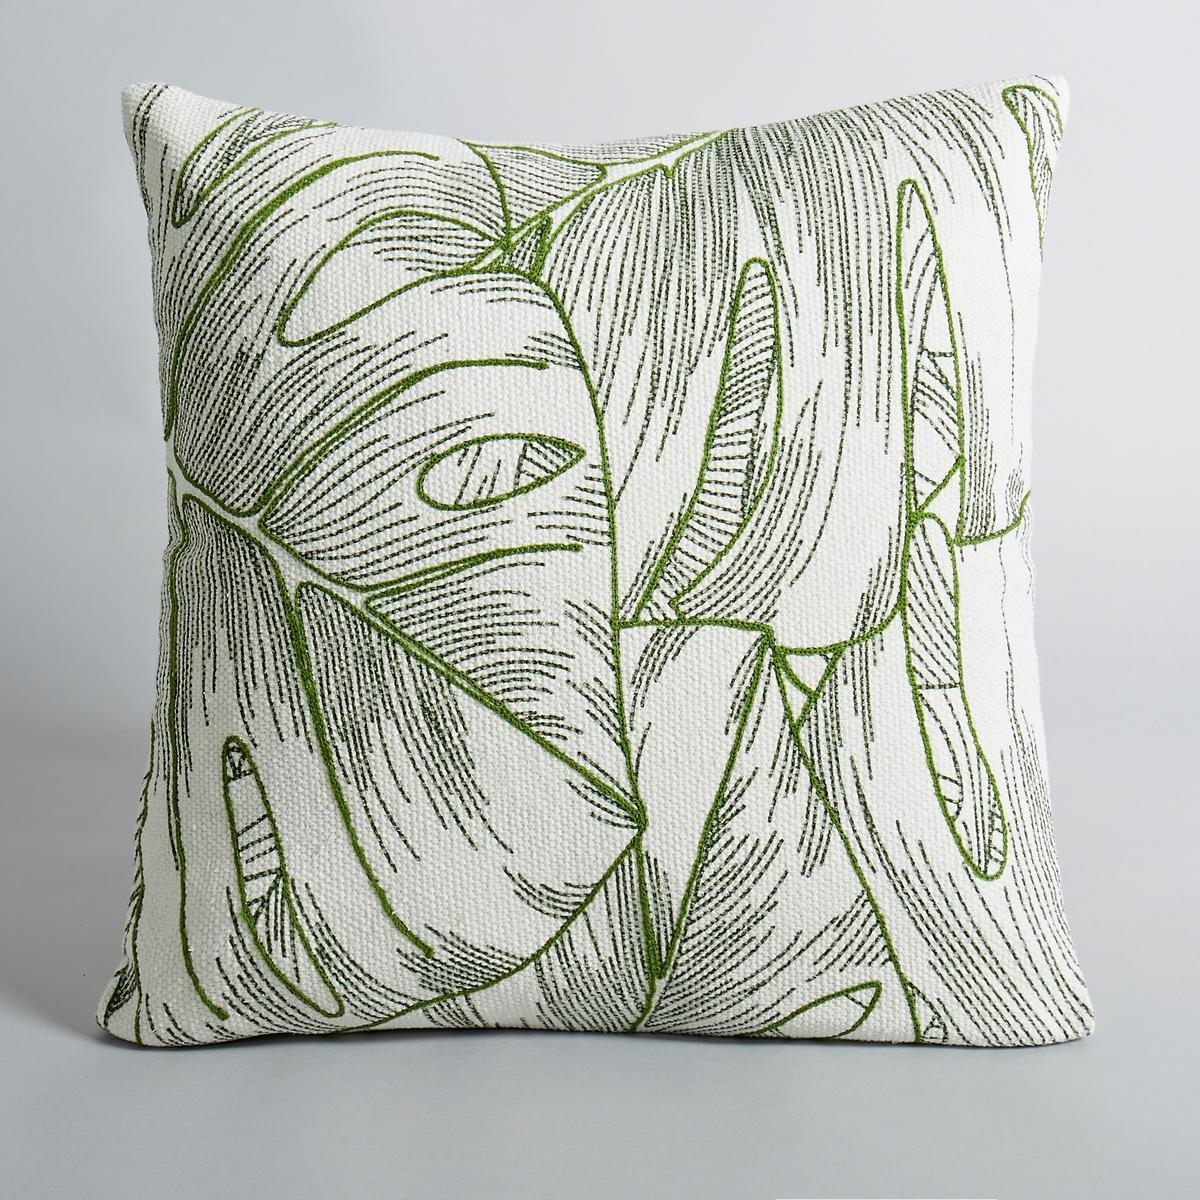 Чехол на подушку Saskia, квадратная модельЧехол на подушку с рисунком листья.Квадратная модель. Лицевая сторона с рисунком листья и с вышивкой. Однотонная оборотная сторона.100 % хлопка. Размеры:. 45 x 45 см.<br><br>Цвет: экрю/ зеленый